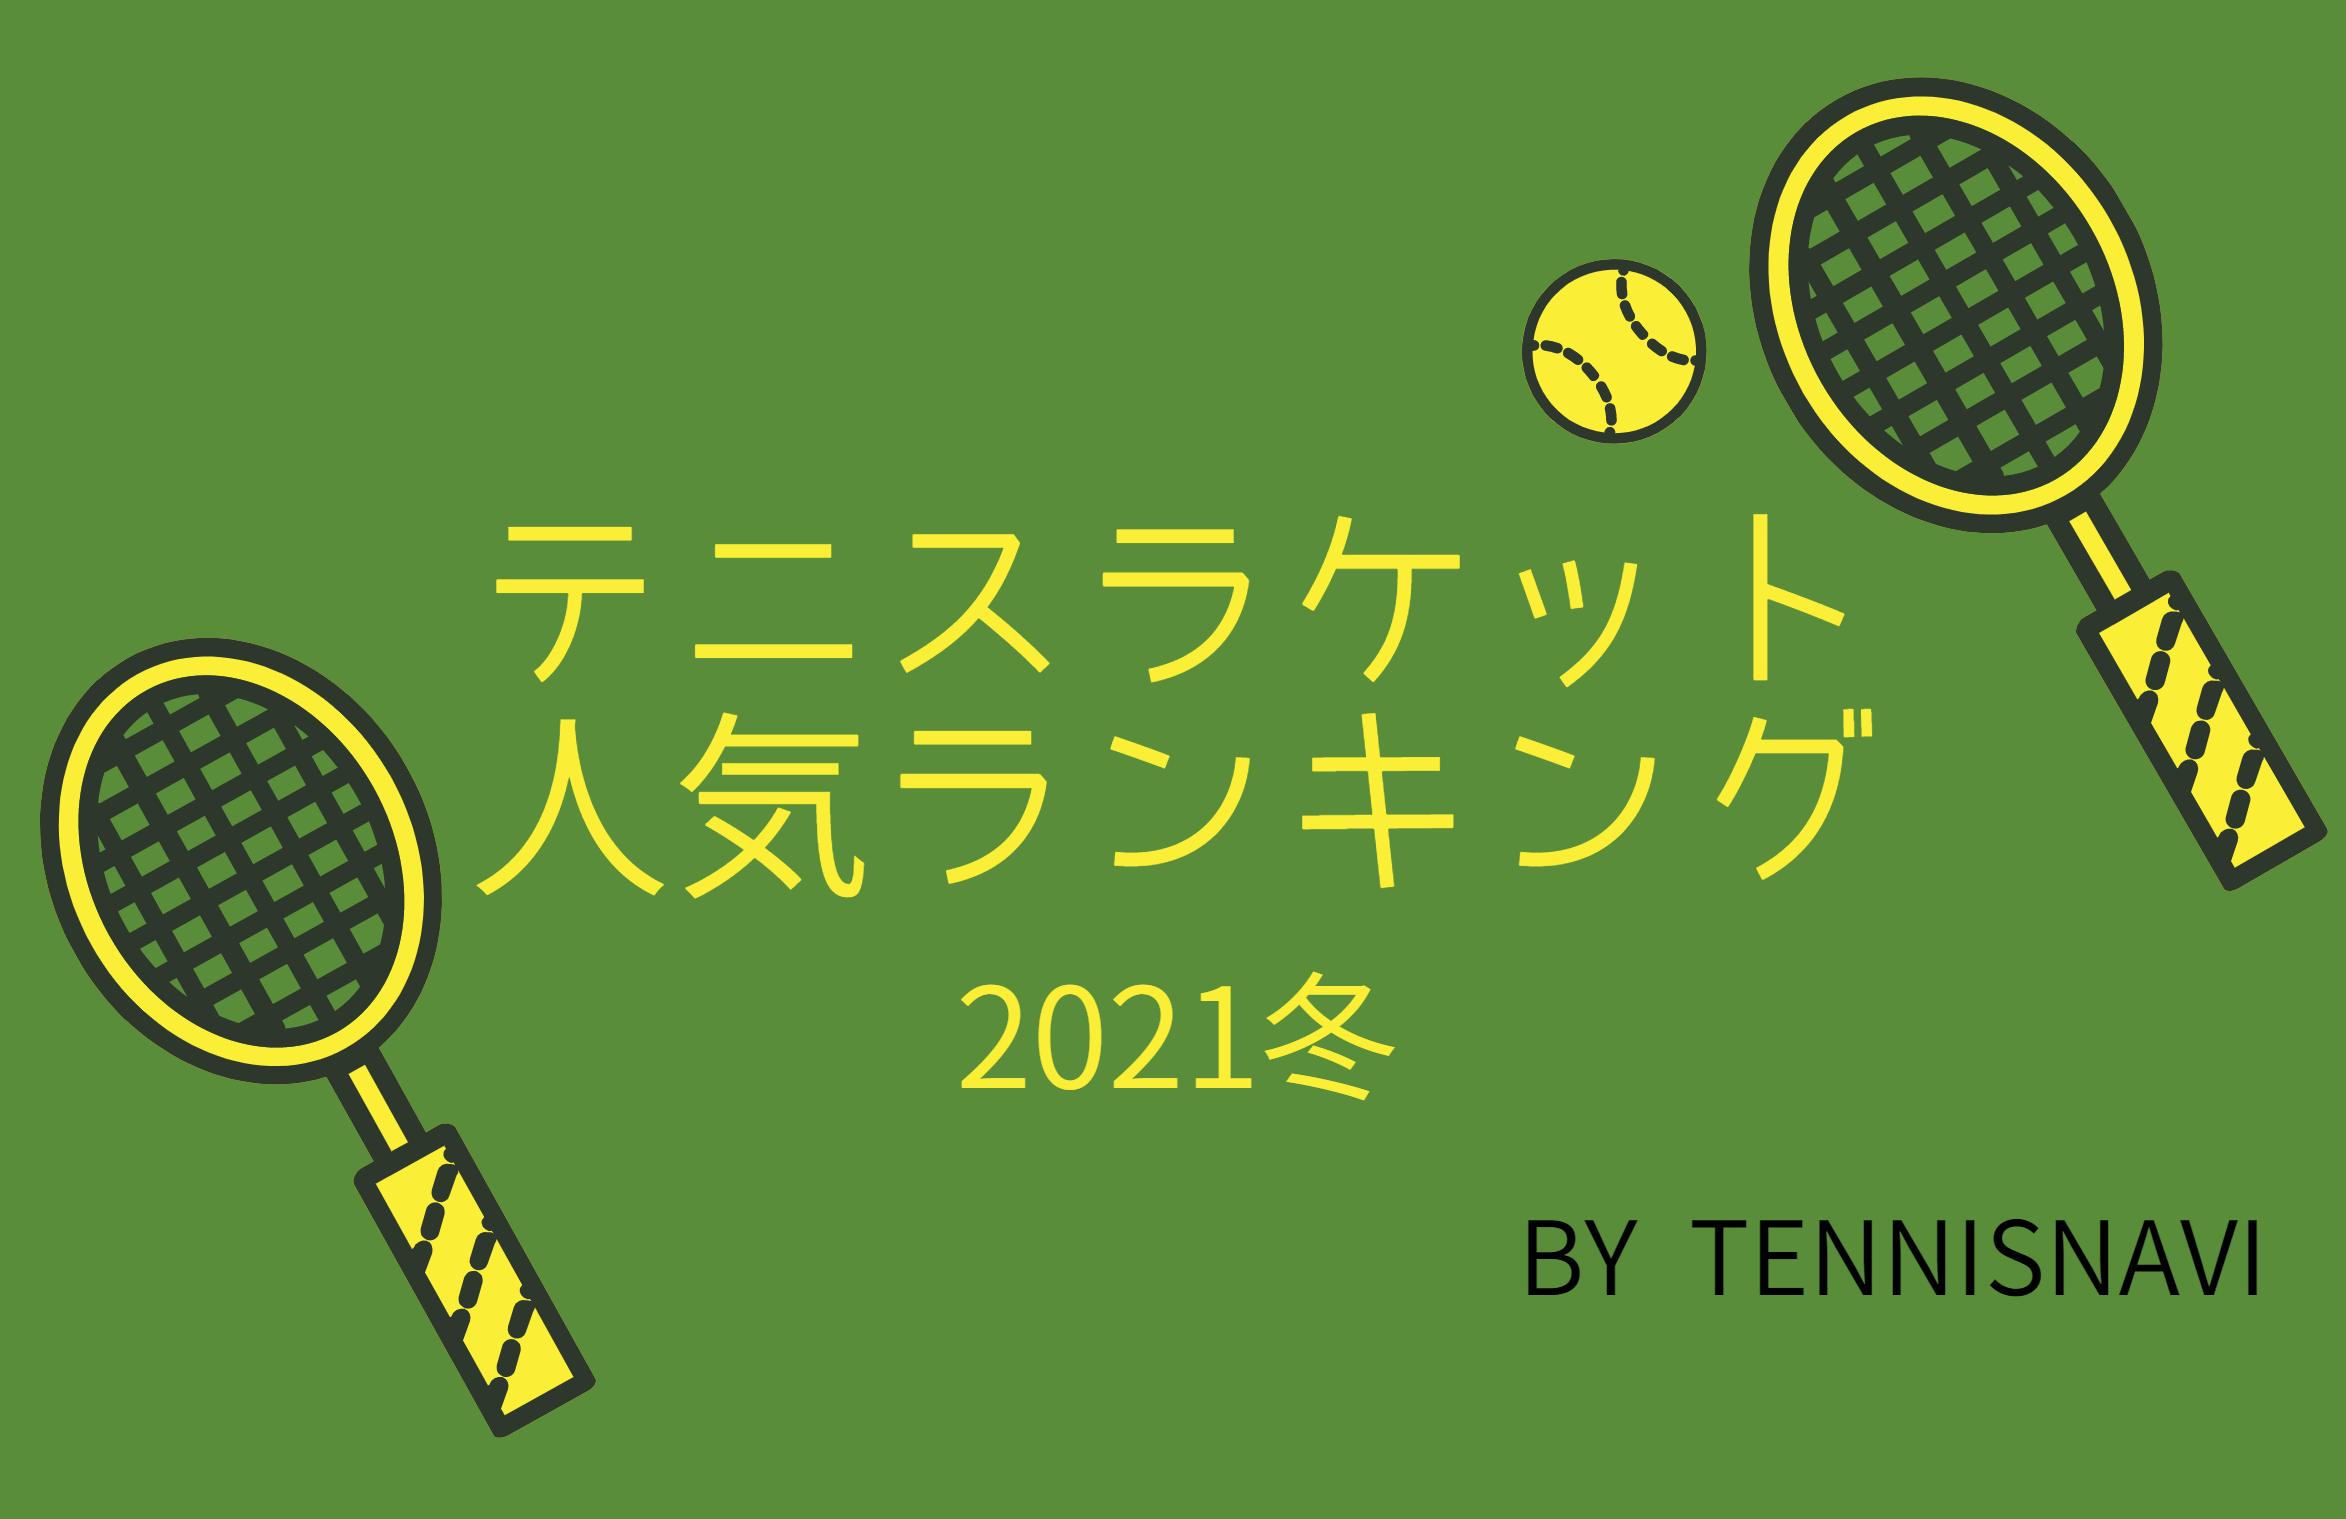 【2021年冬】テニスラケット最新人気ランキング